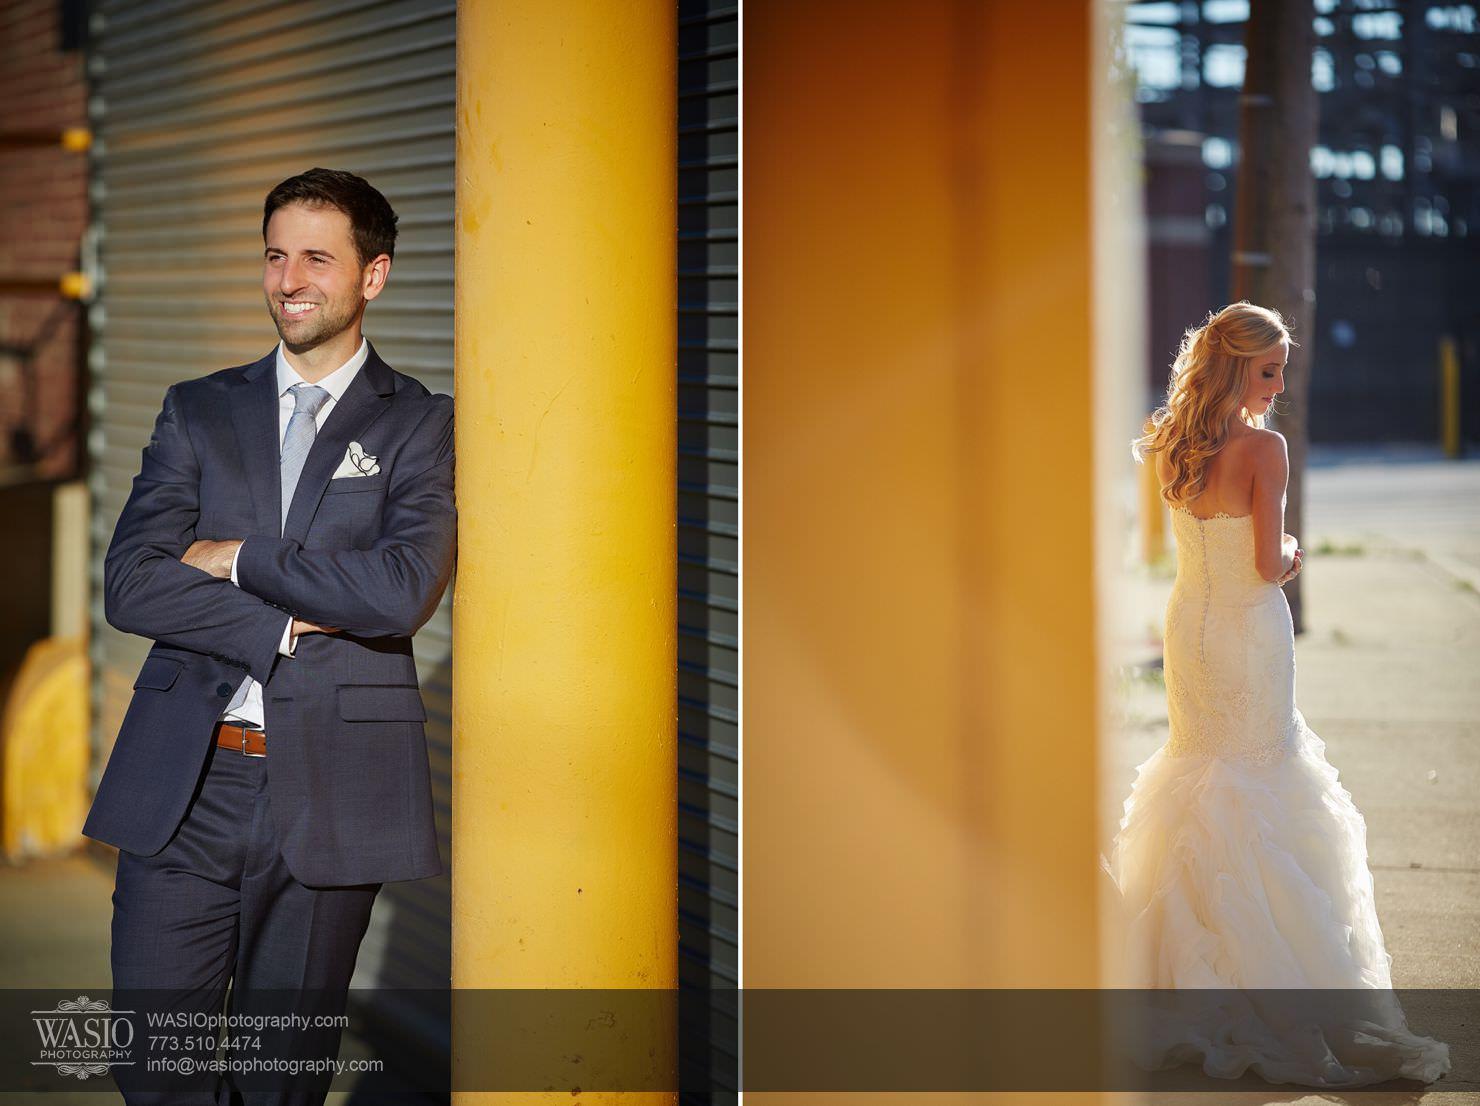 17_Chicago-Gallery-Wedding_01 Chicago Gallery Wedding - Courtney + Danny